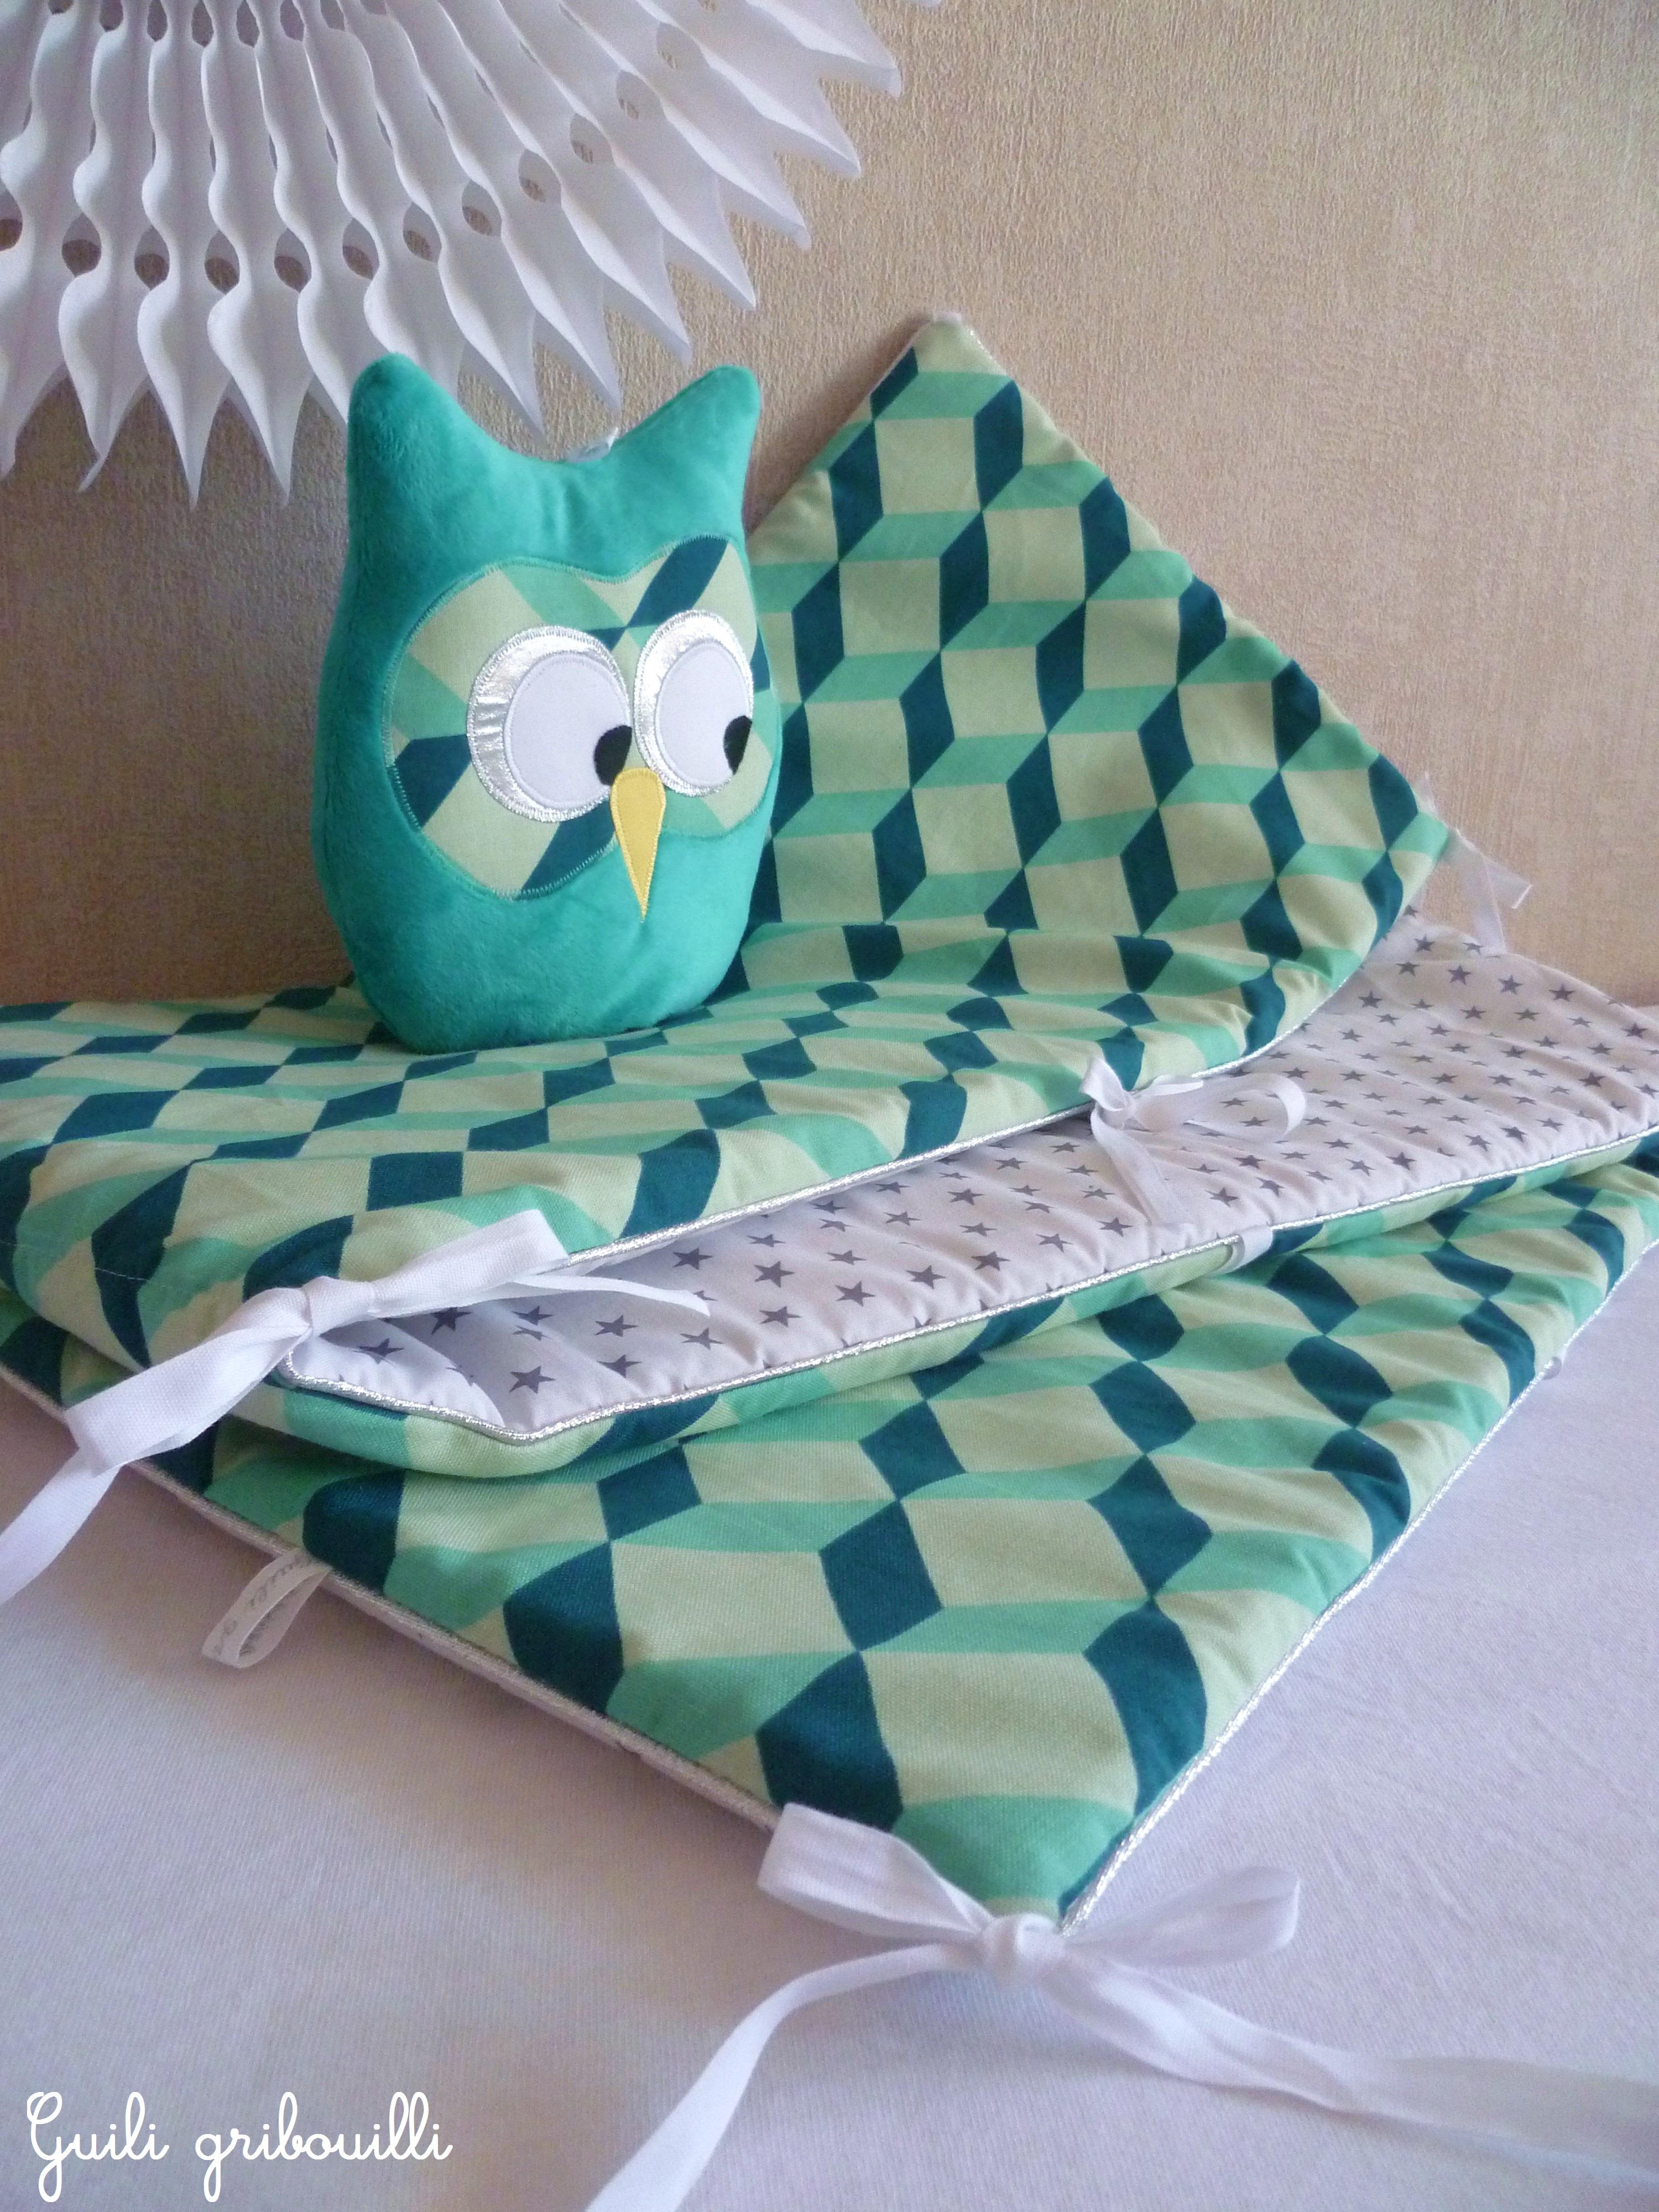 tour de lit et gigoteuse oslo bleu vert argent guili gribouilli linge de lit et de d co pour. Black Bedroom Furniture Sets. Home Design Ideas